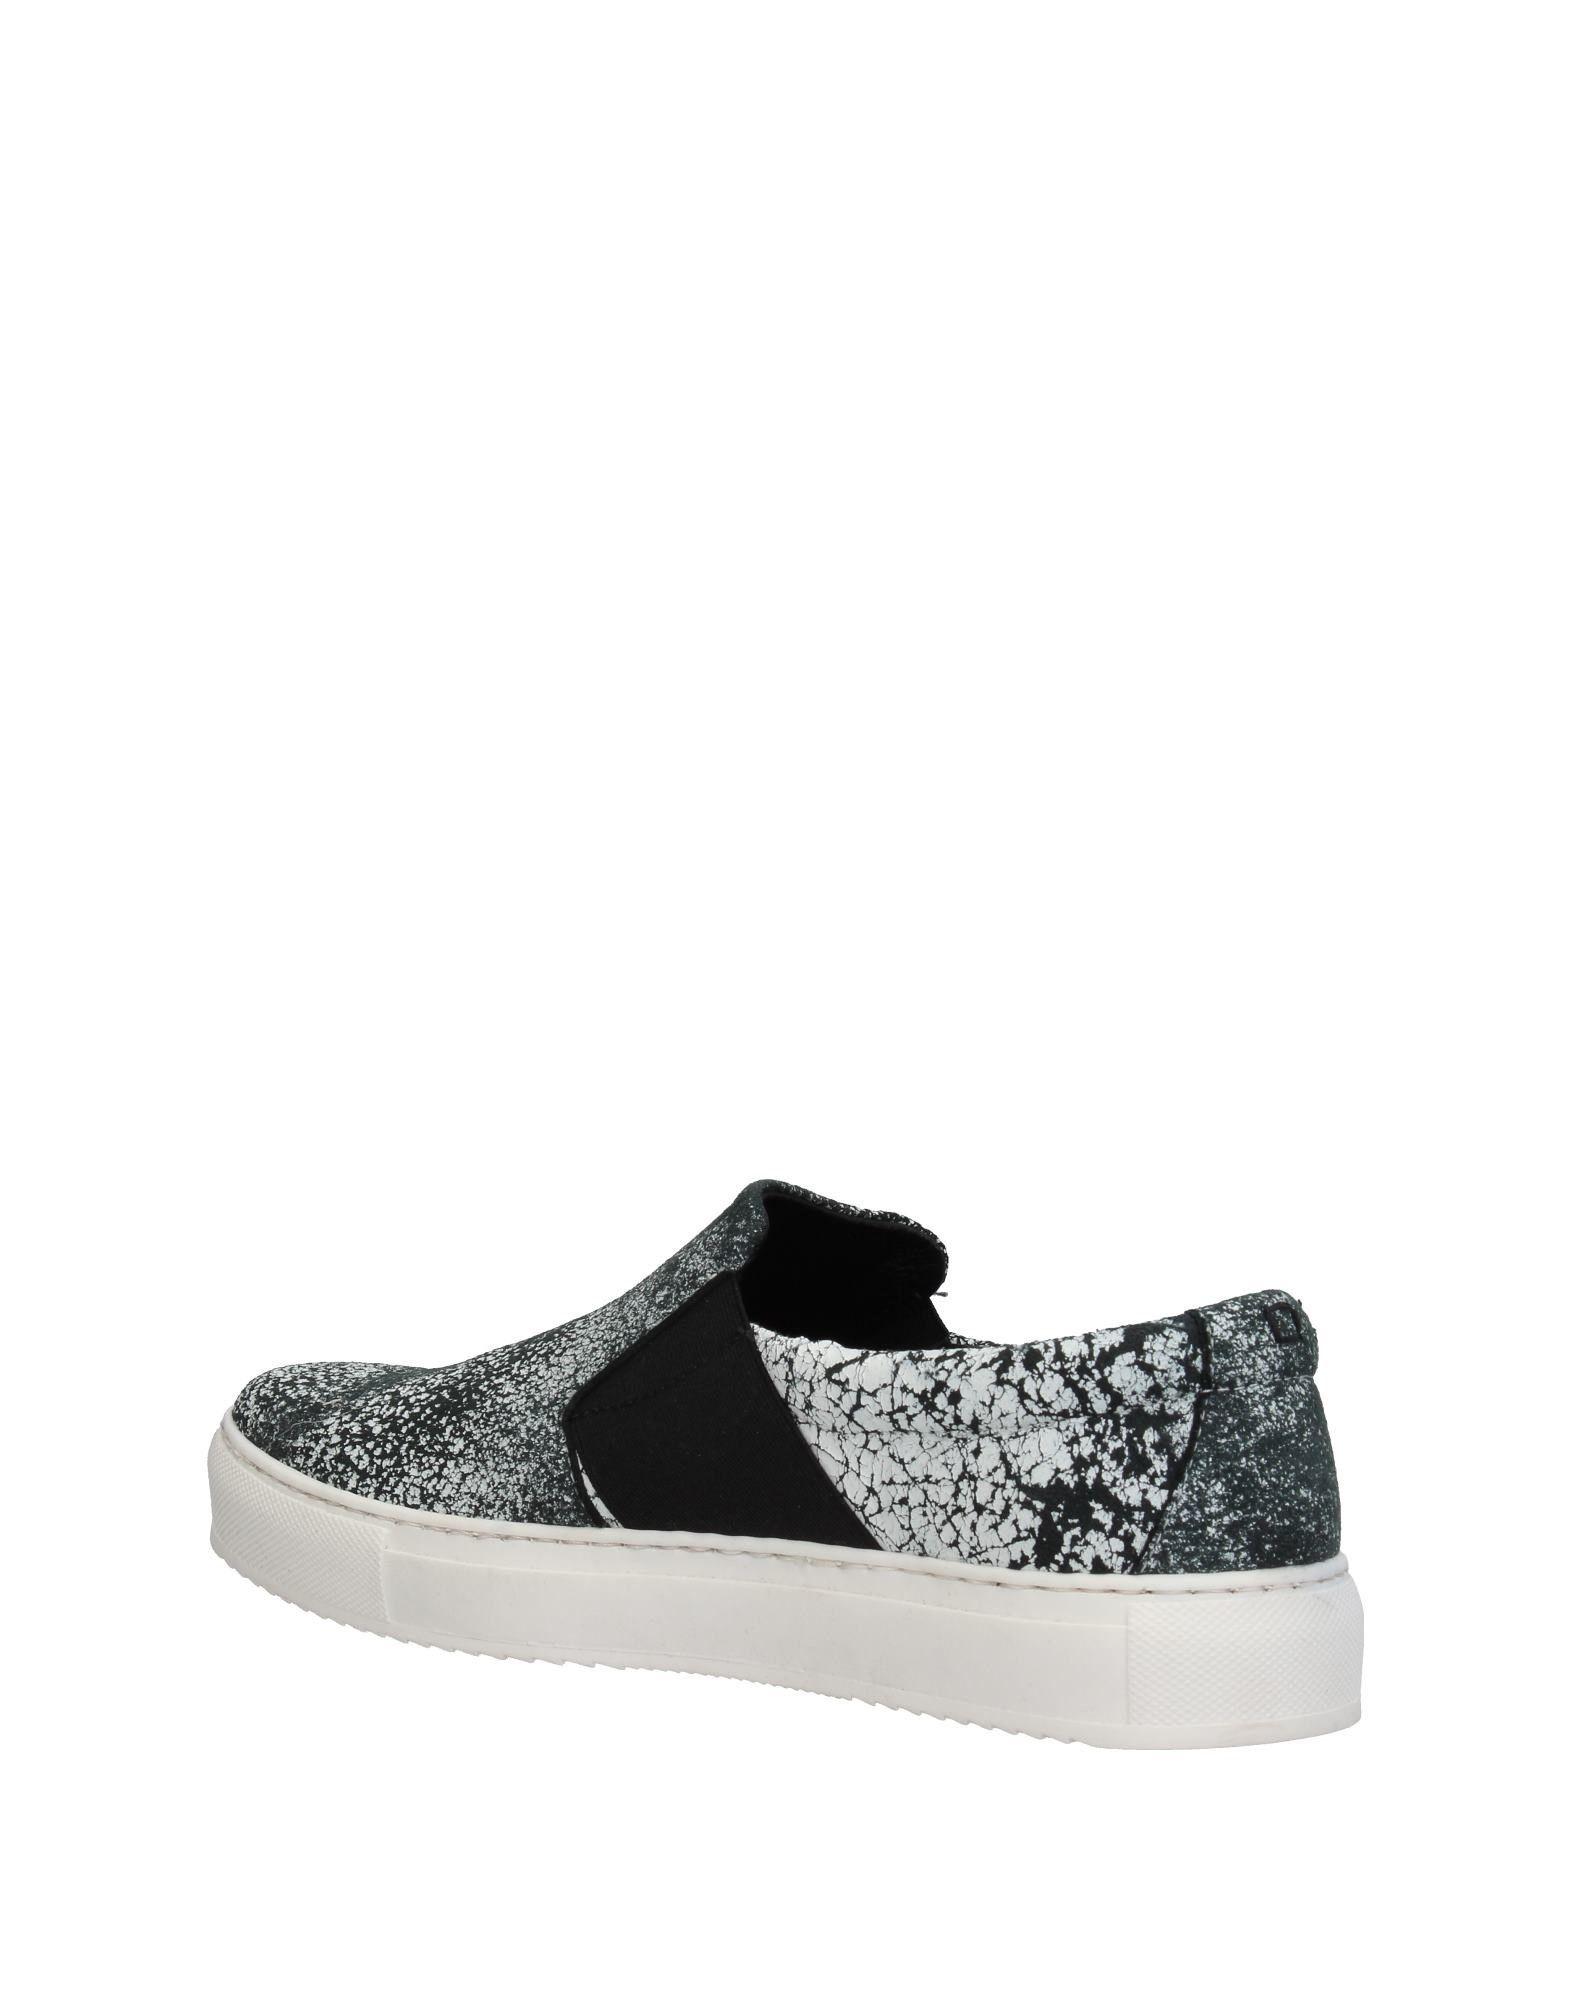 Rabatt echte Schuhe Collection Privēe  Sneakers Herren  11383848MC